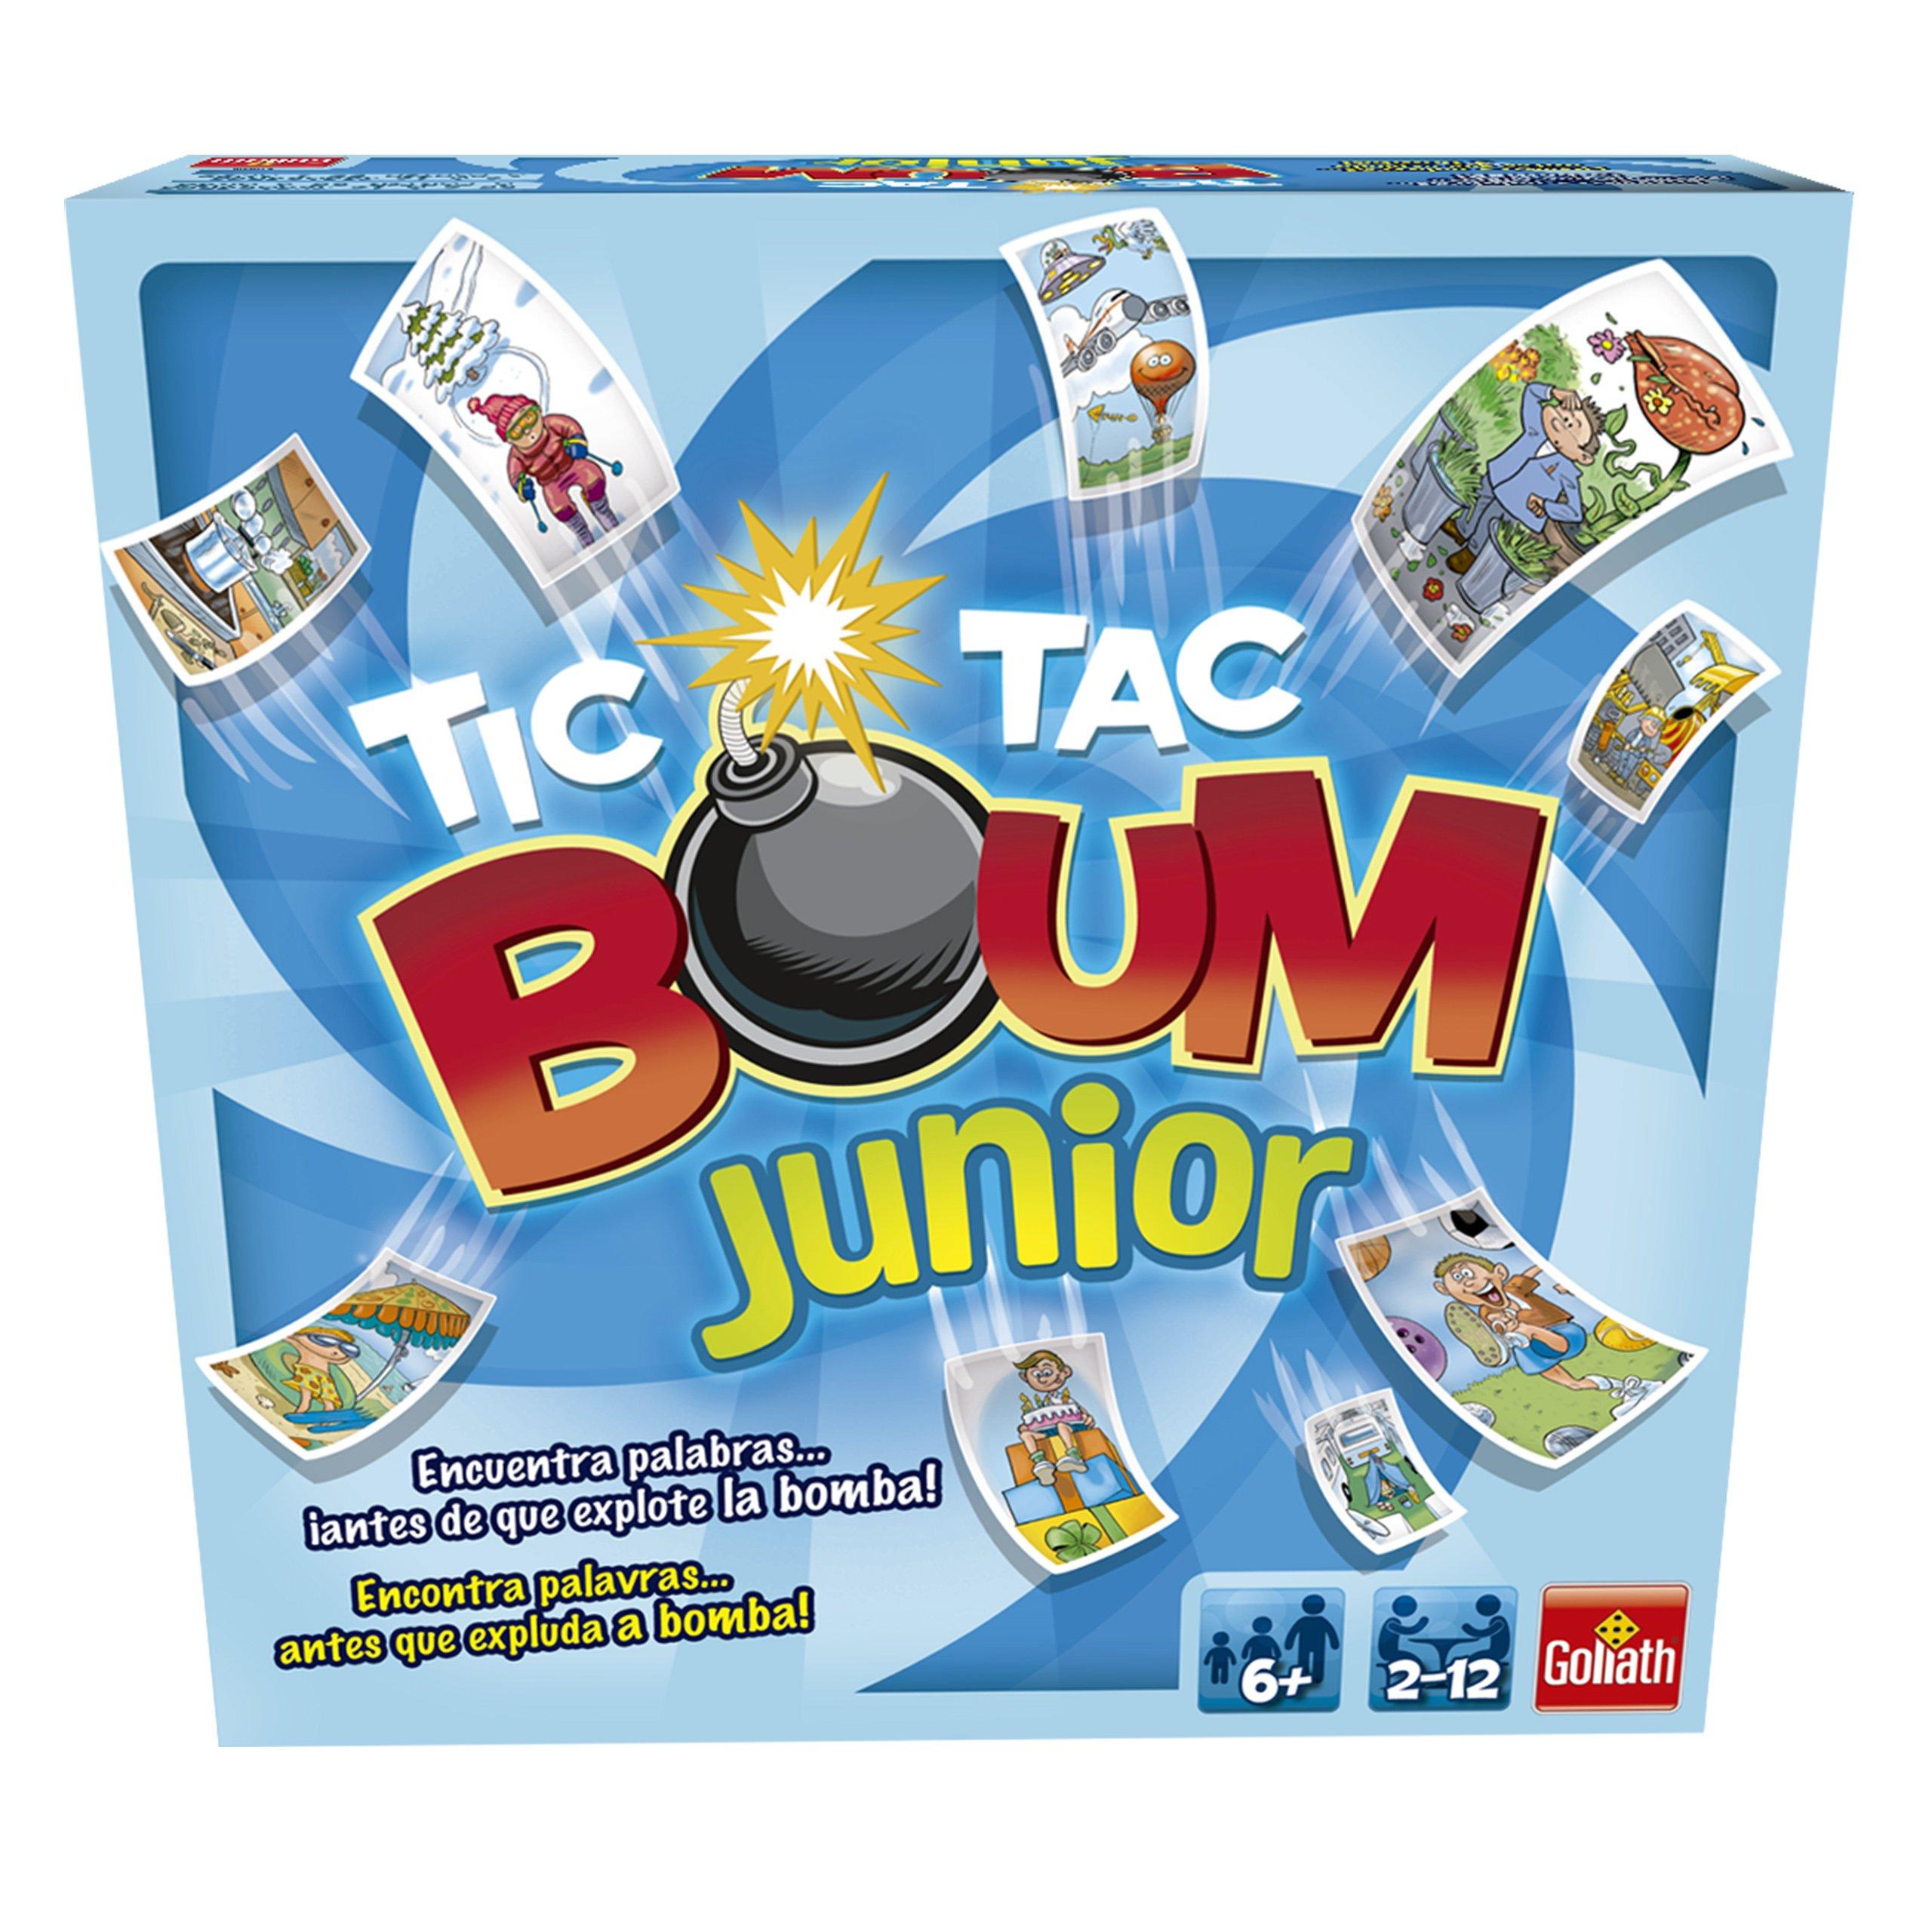 Tic Tac Boum Junior by Goliath